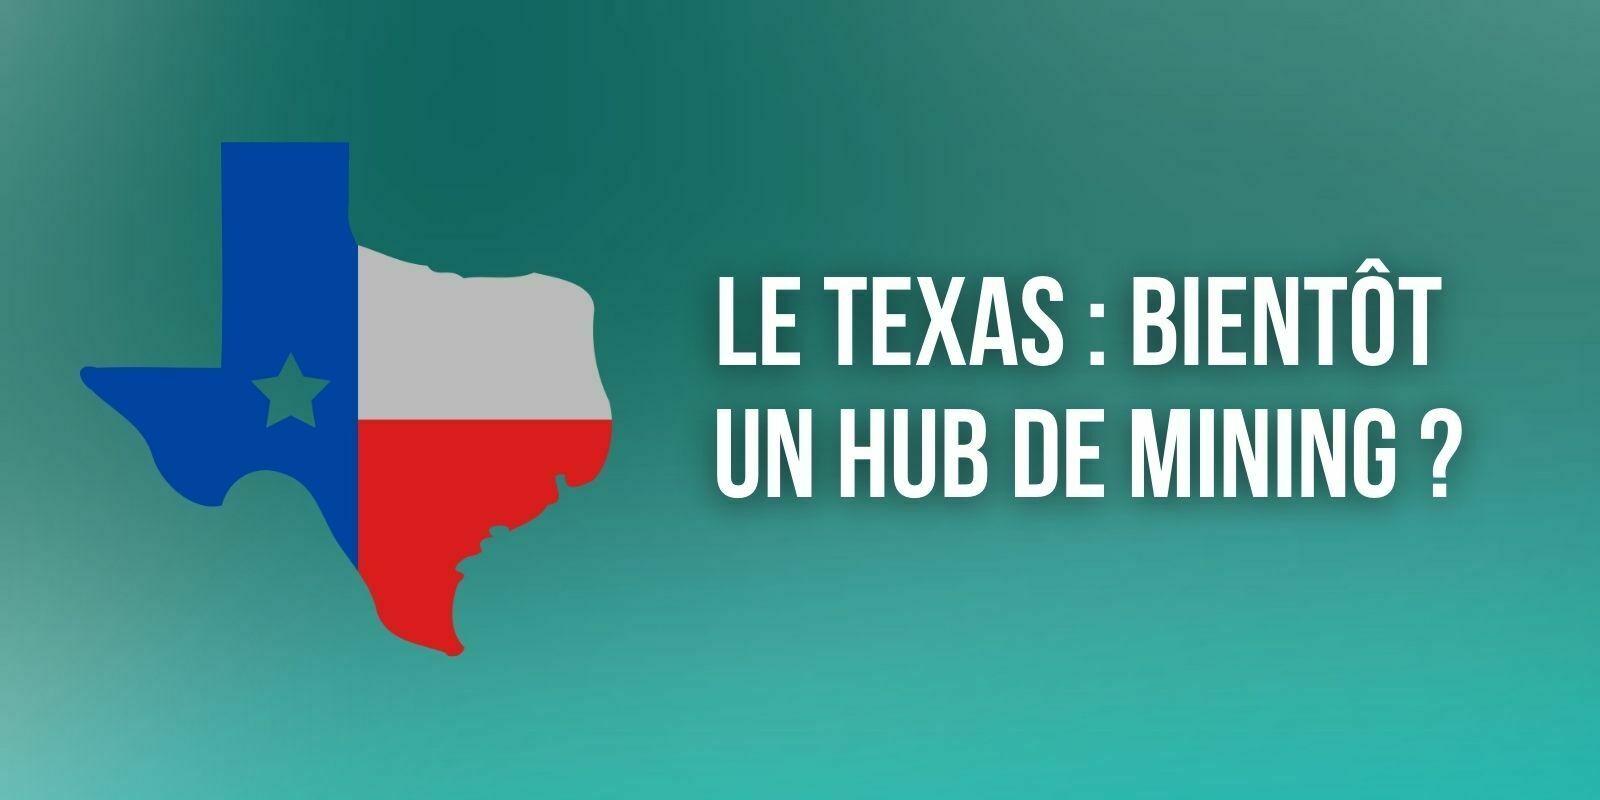 Les ressources énergétiques du Texas, une opportunité pour Bitcoin (BTC) selon le sénateur Ted Cruz